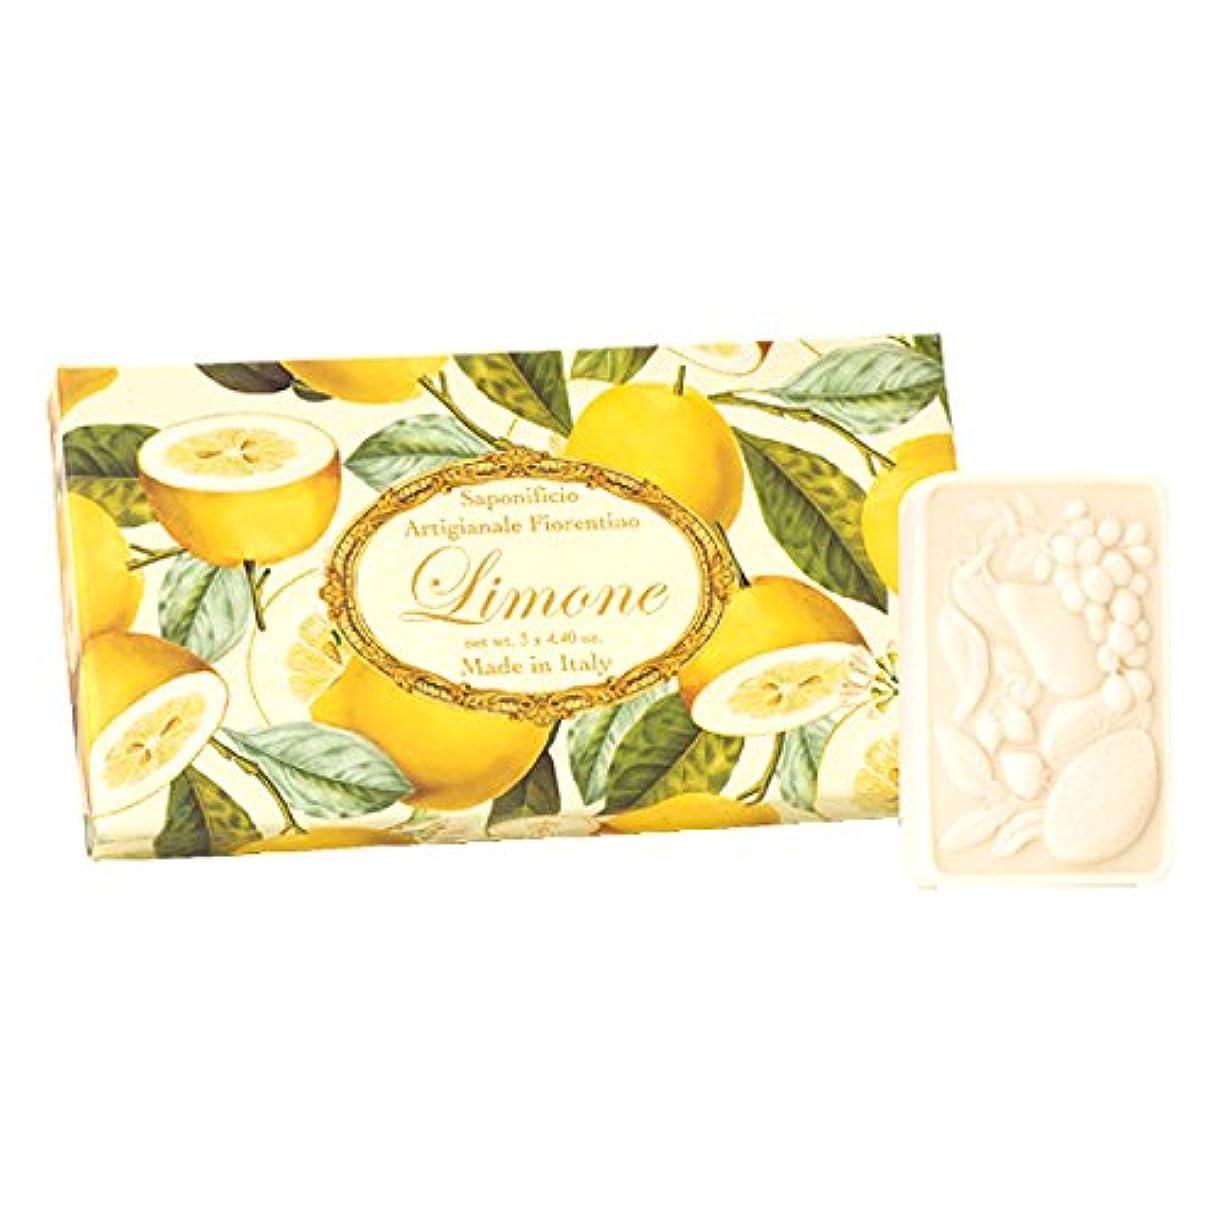 ヘア修羅場自動的にフィレンツェの 長い歴史から生まれたこだわり石鹸 レモン【刻印125g×3個セット】